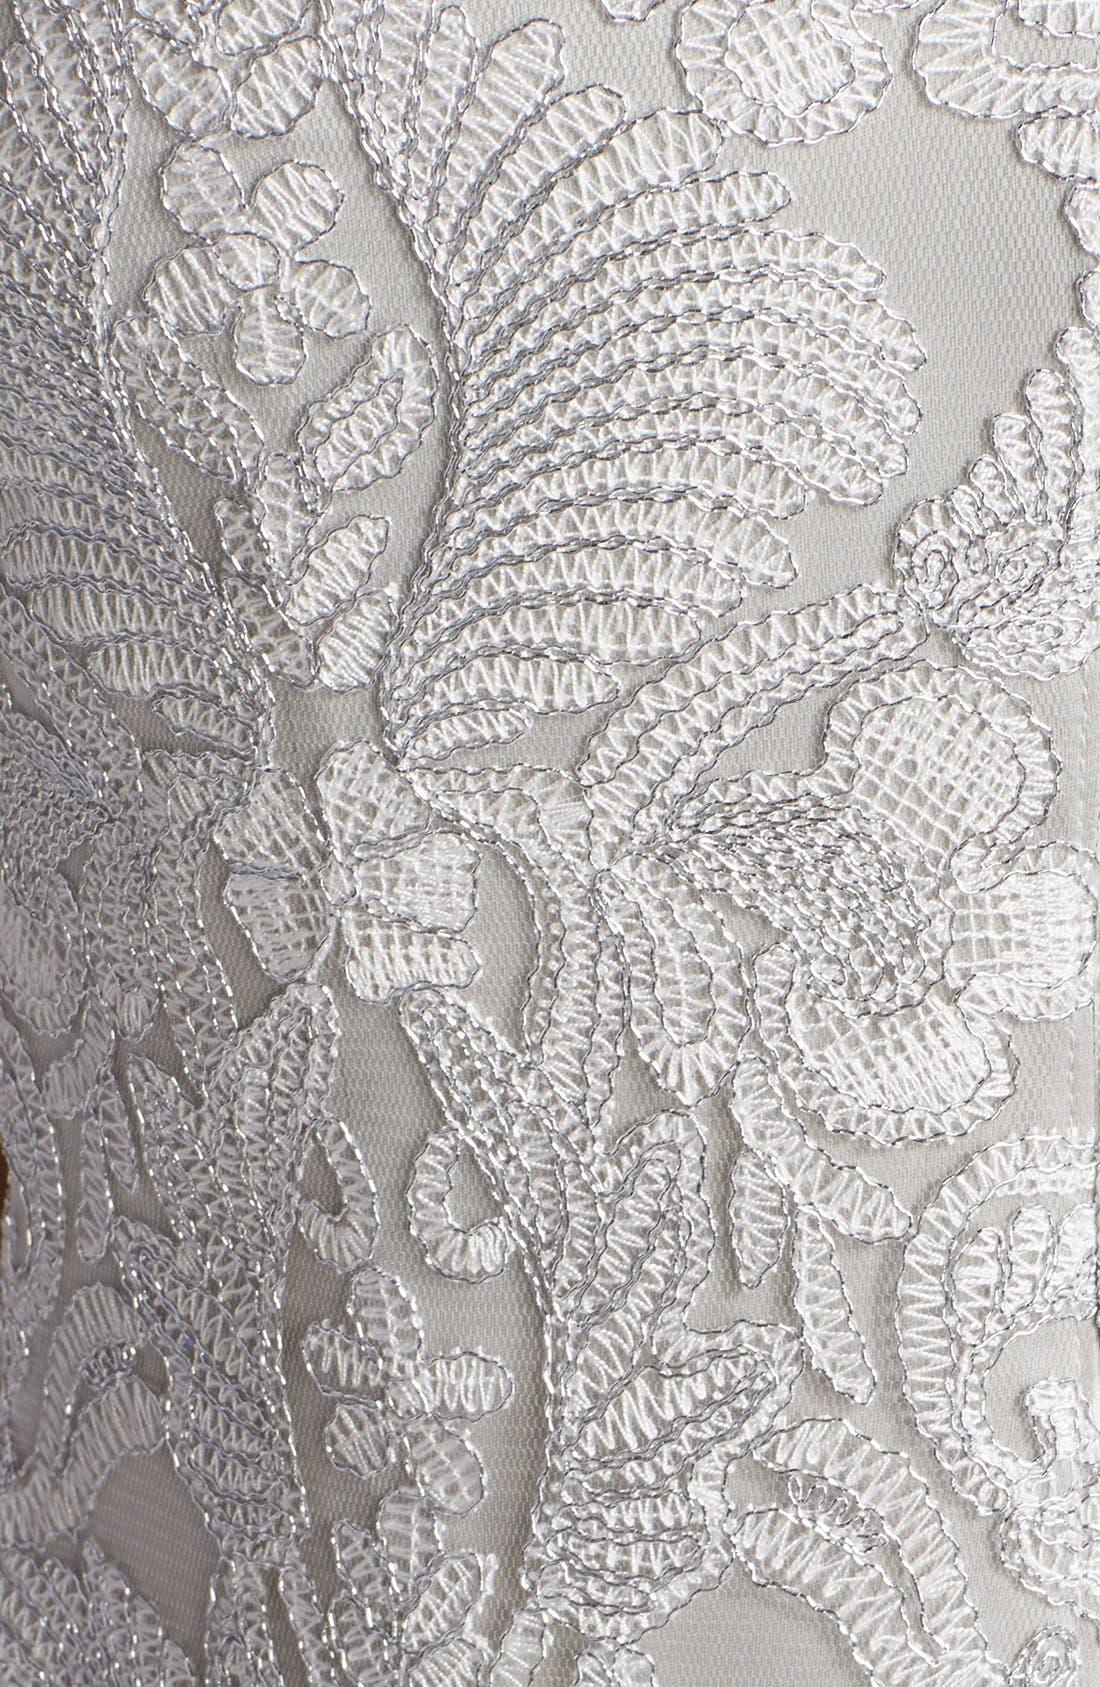 Illusion Yoke Lace Sheath Dress,                             Alternate thumbnail 26, color,